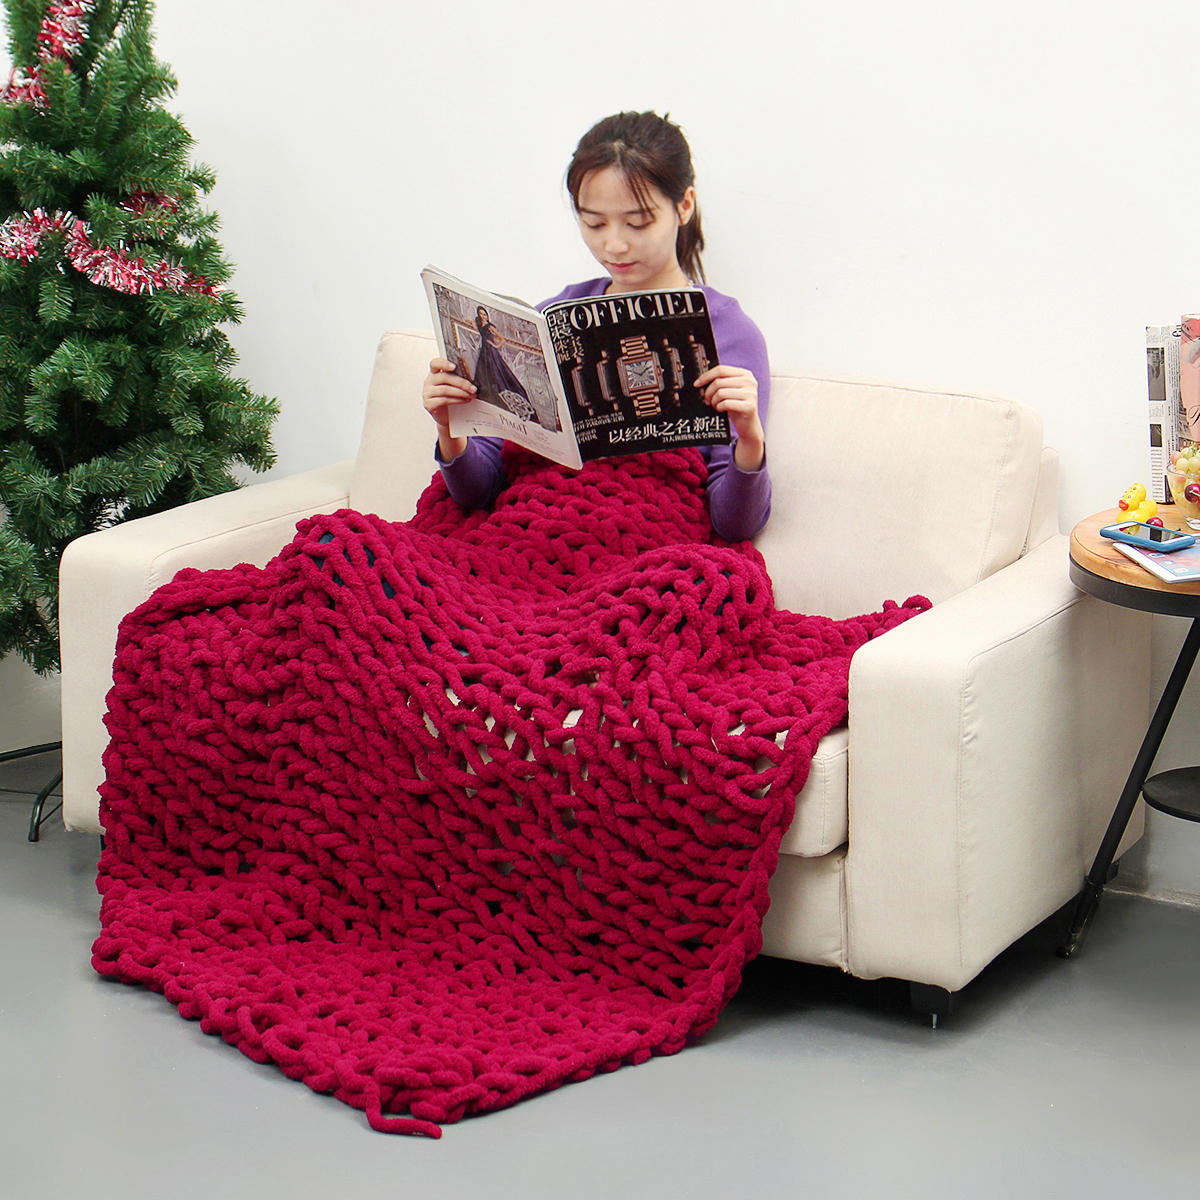 80 х 100см вязаное одеяло ручной работы хлопок Soft моющиеся безворсовые пледы - 1